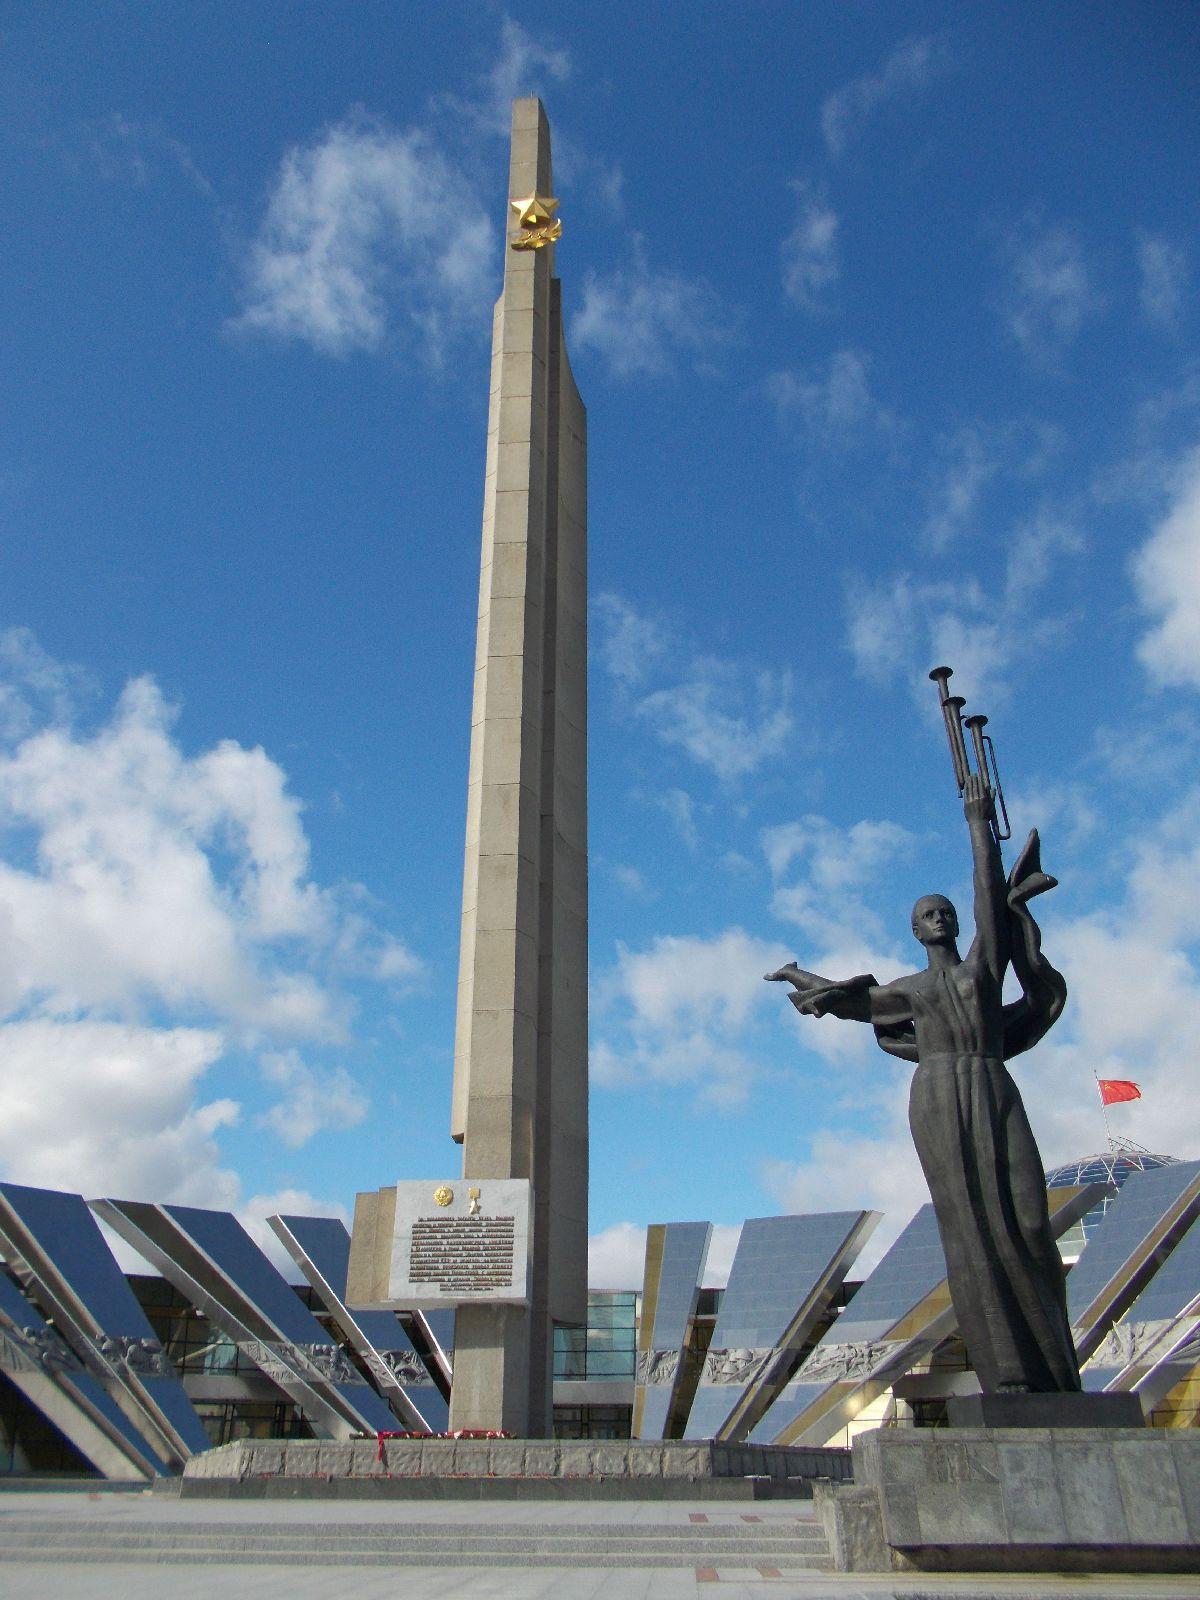 обелиски в городах героях фото вами поделится